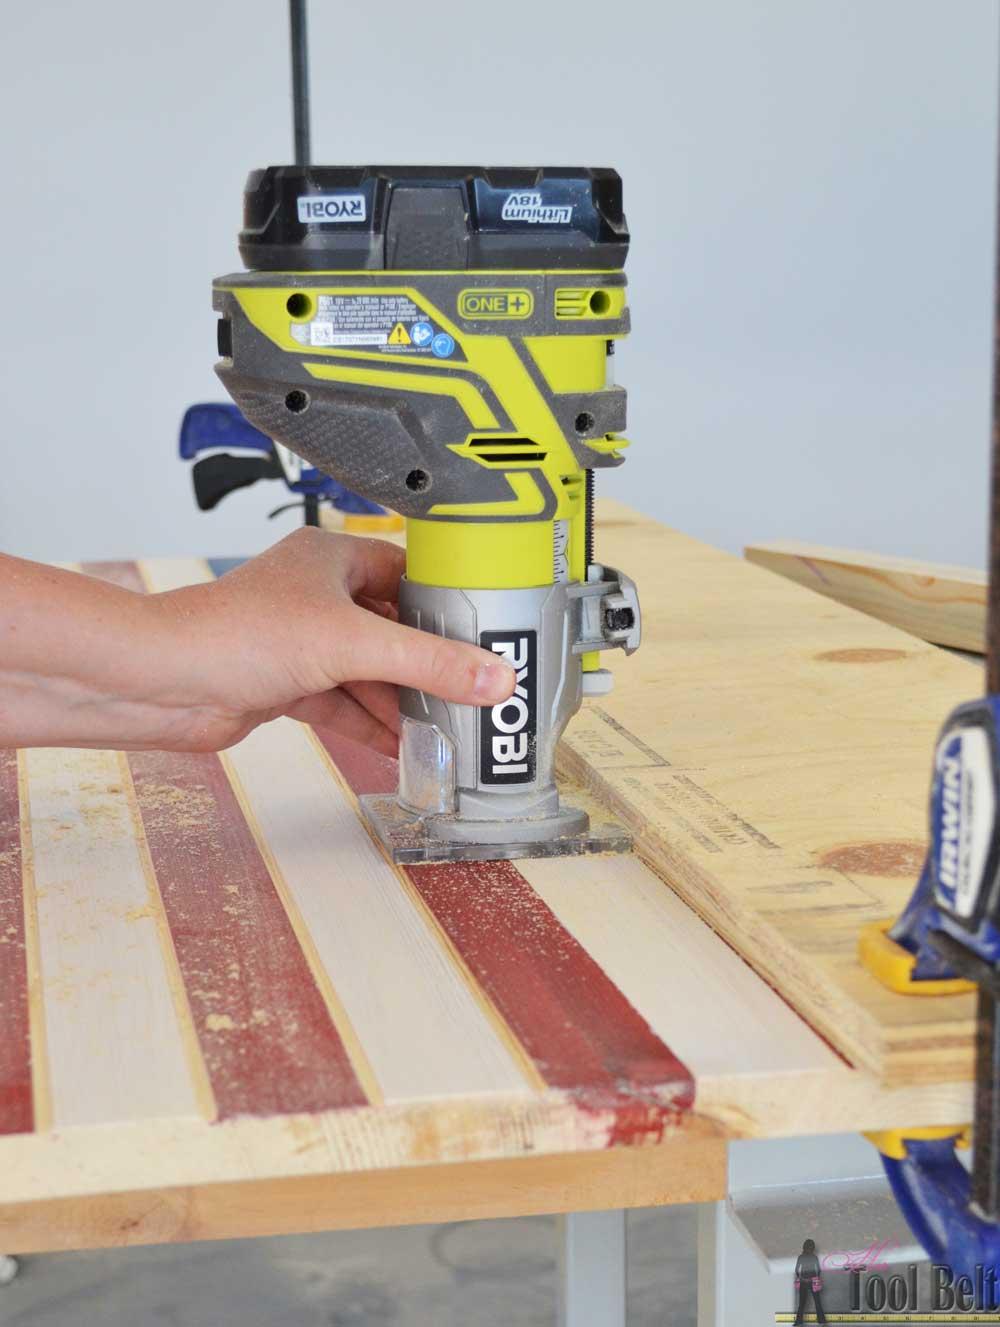 DIY Patriotic Wood Flag - Her Tool Belt